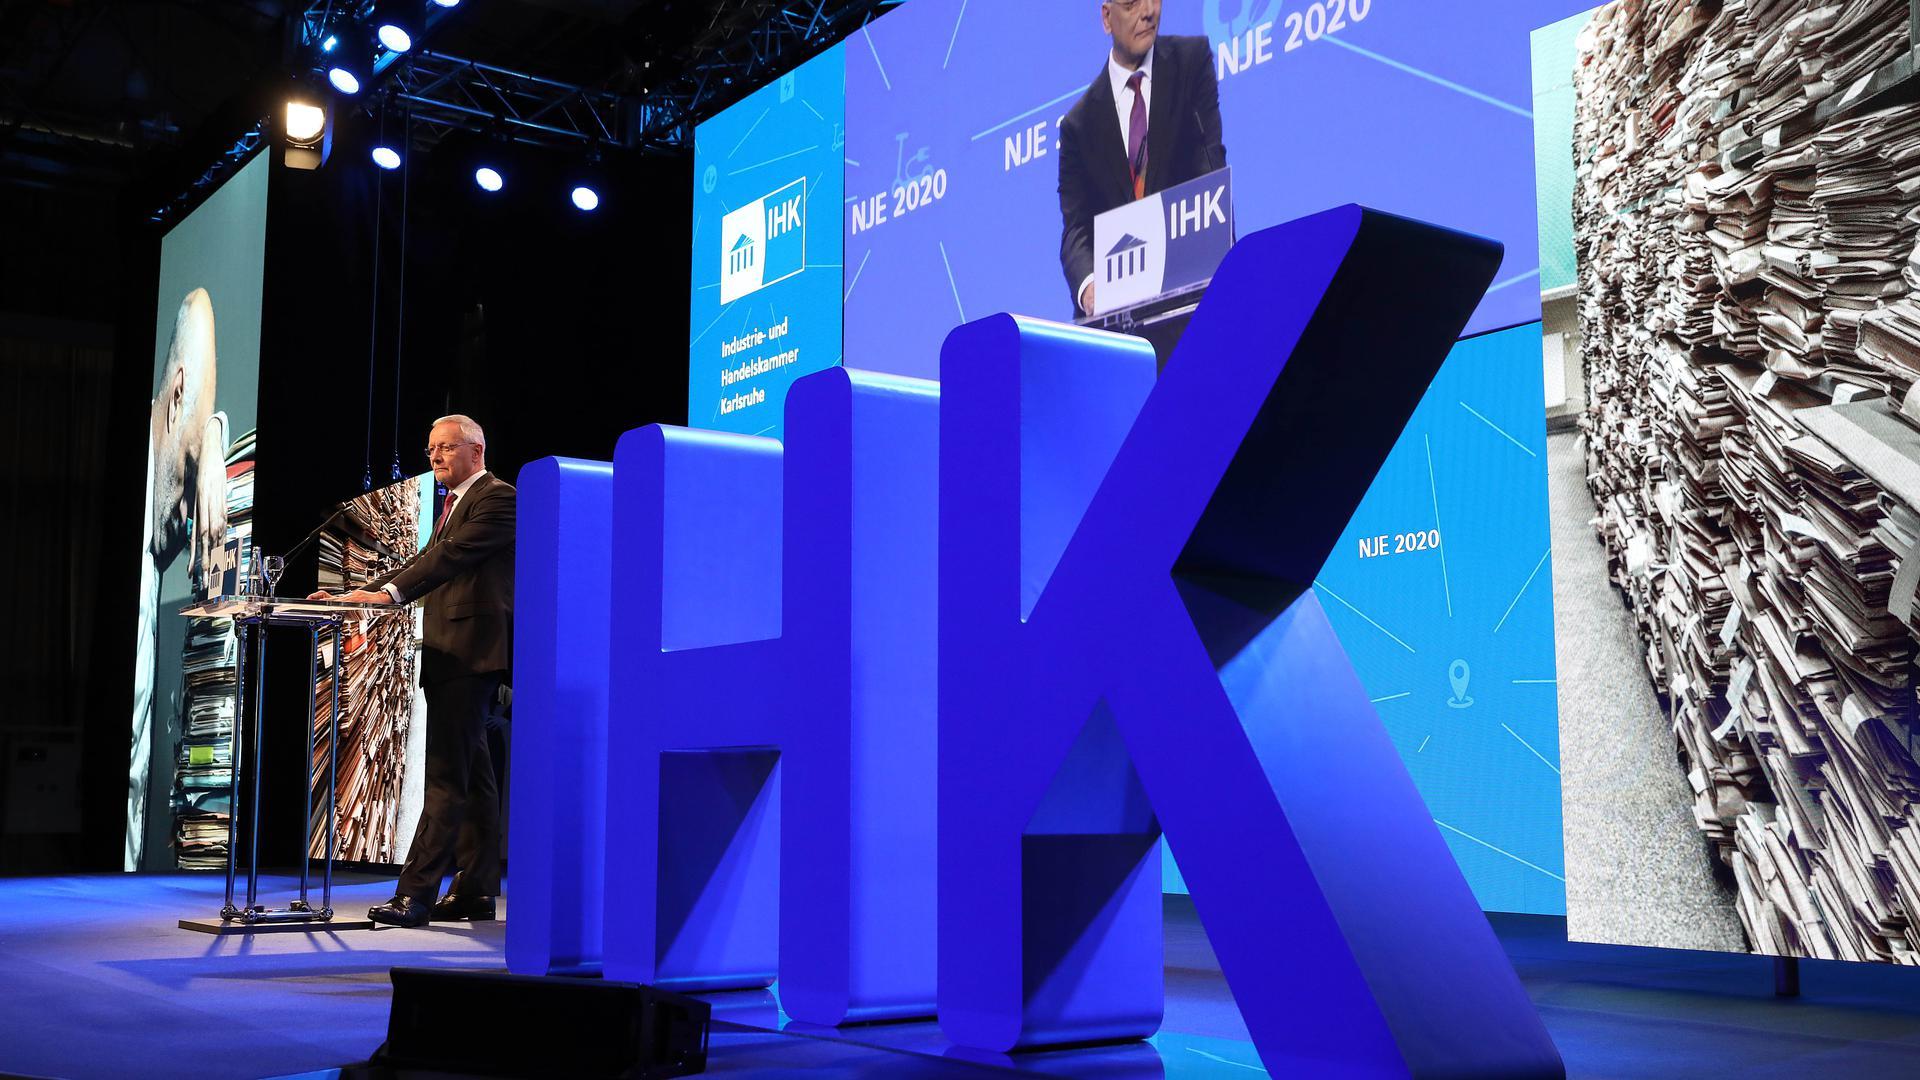 IHK-Emblem und IHK-Präsident Wolfgang Grenke